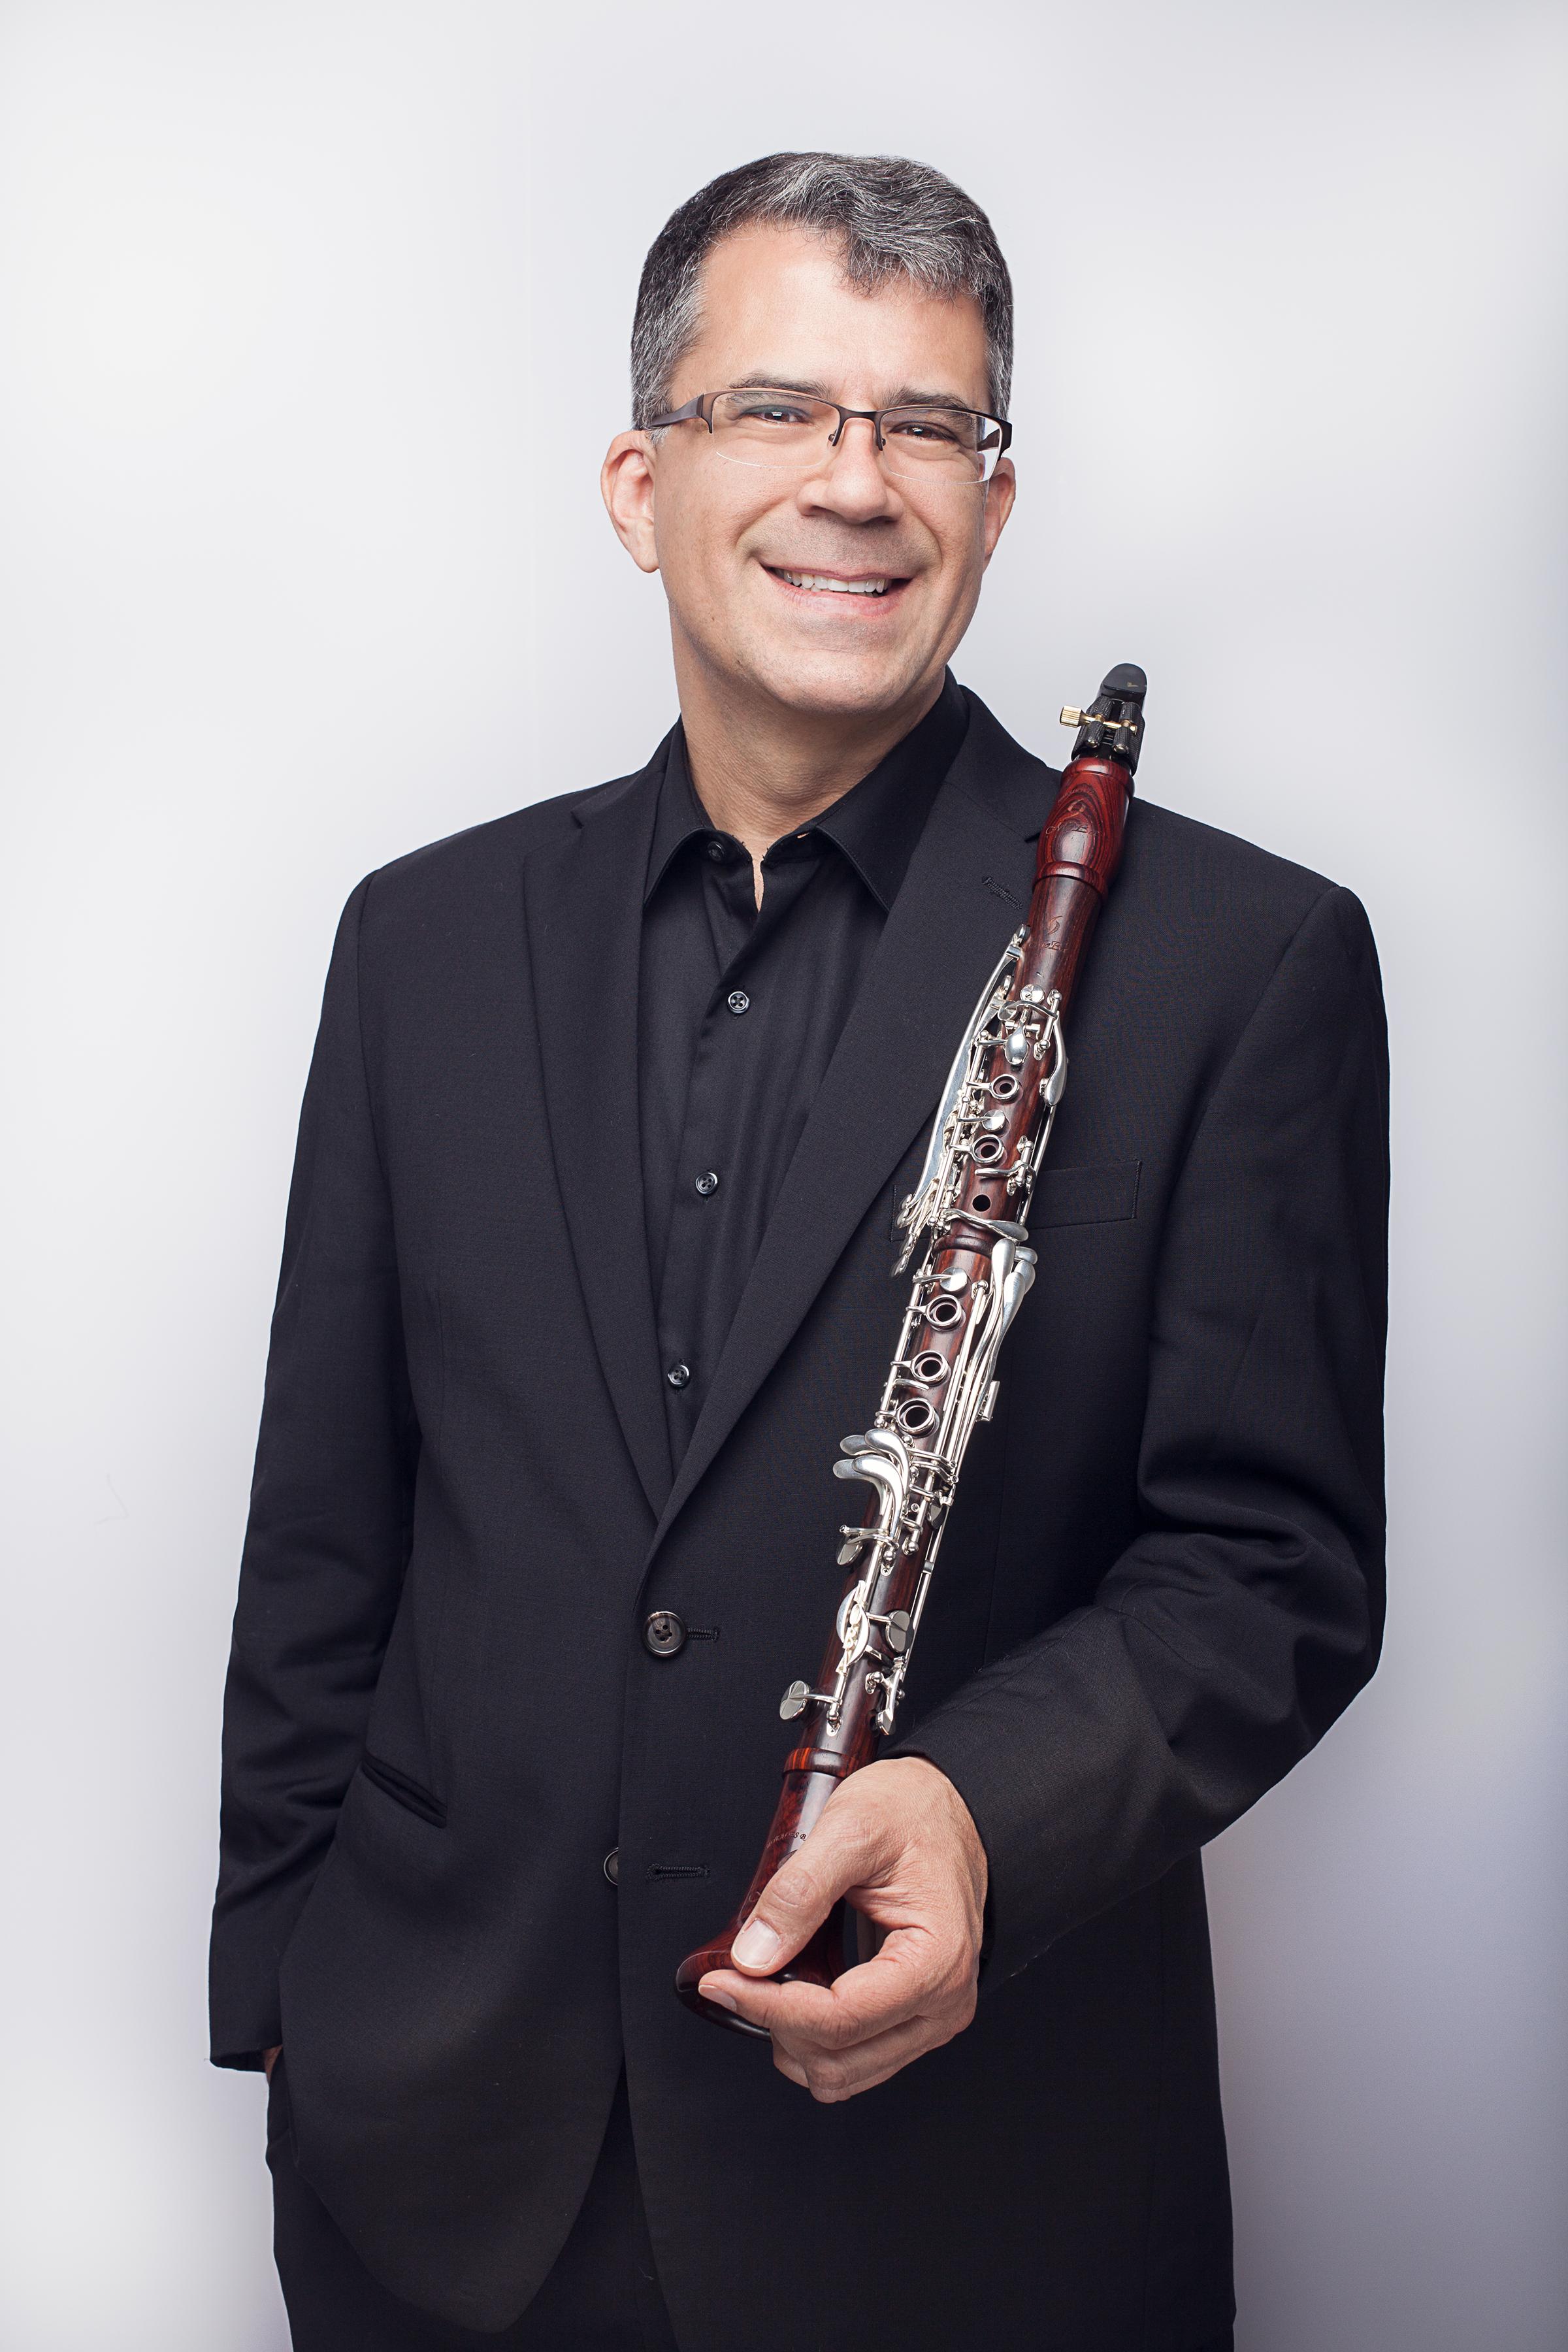 Jerome Simas, clarinet